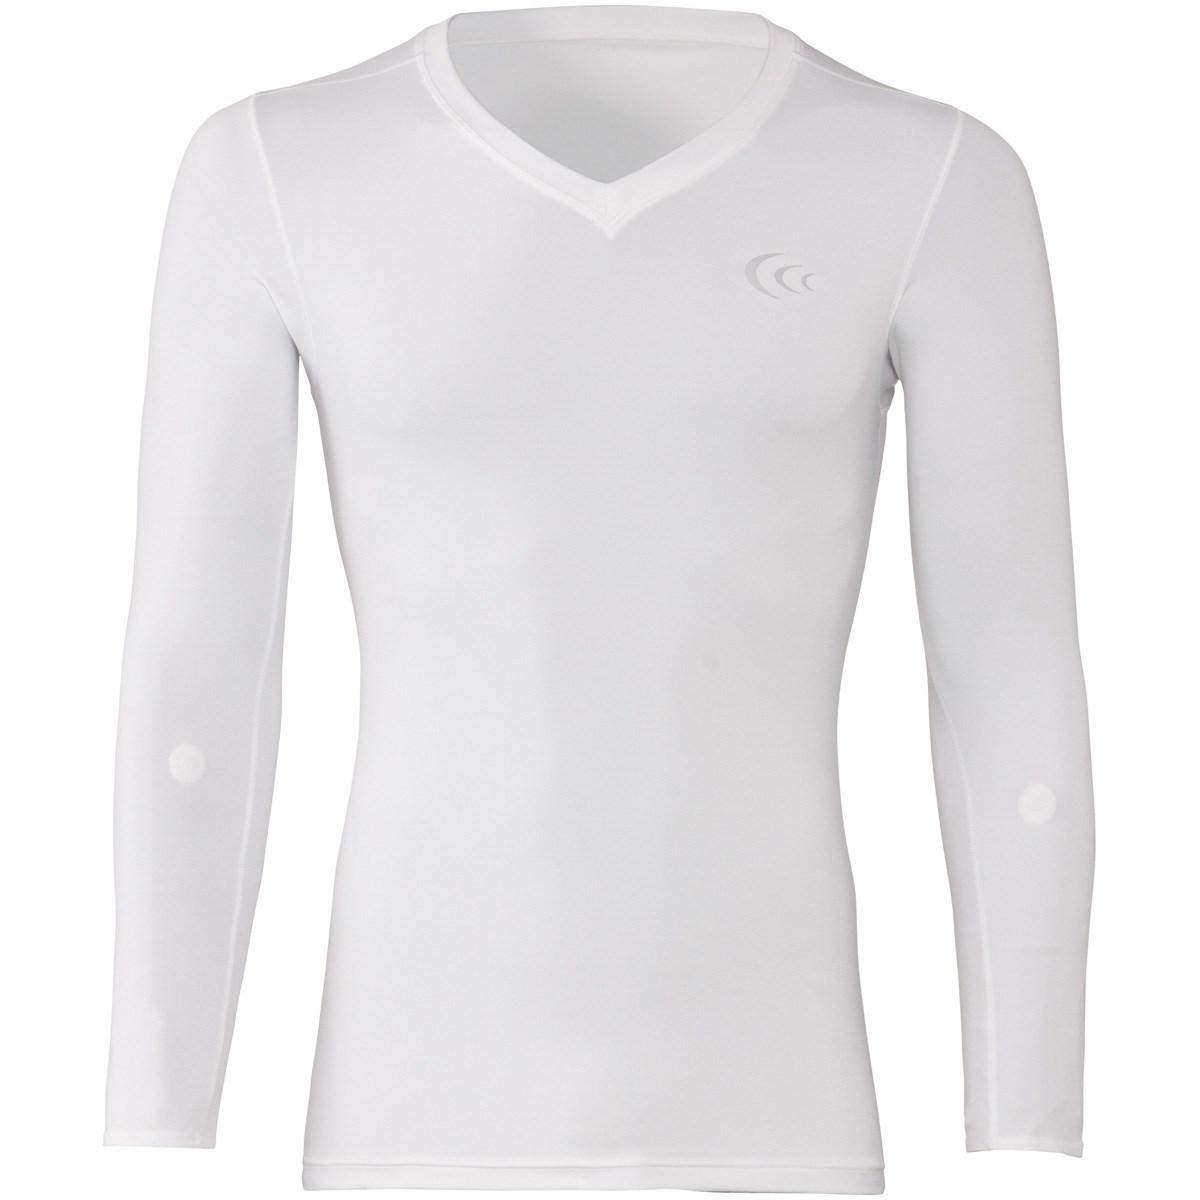 [アウトレット] [在庫限りのお買い得商品] C3fit マグフローVネック長袖アンダーシャツ ホワイト メンズ ゴルフウェア